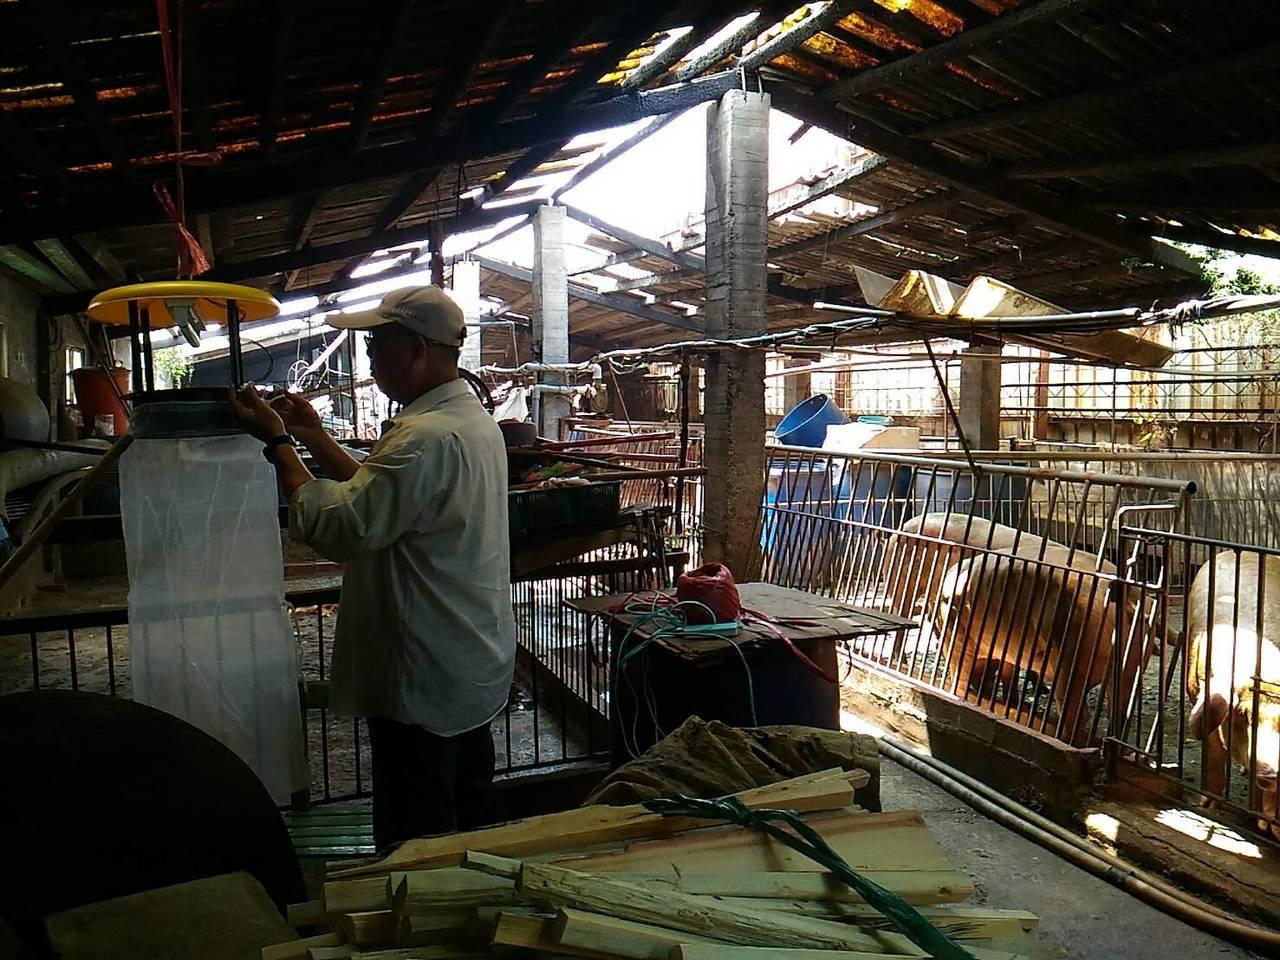 高雄市林園區12天內出現3例日本腦炎群聚疫情,圖為防疫人員在豬舍架設捕蚊網。圖/...